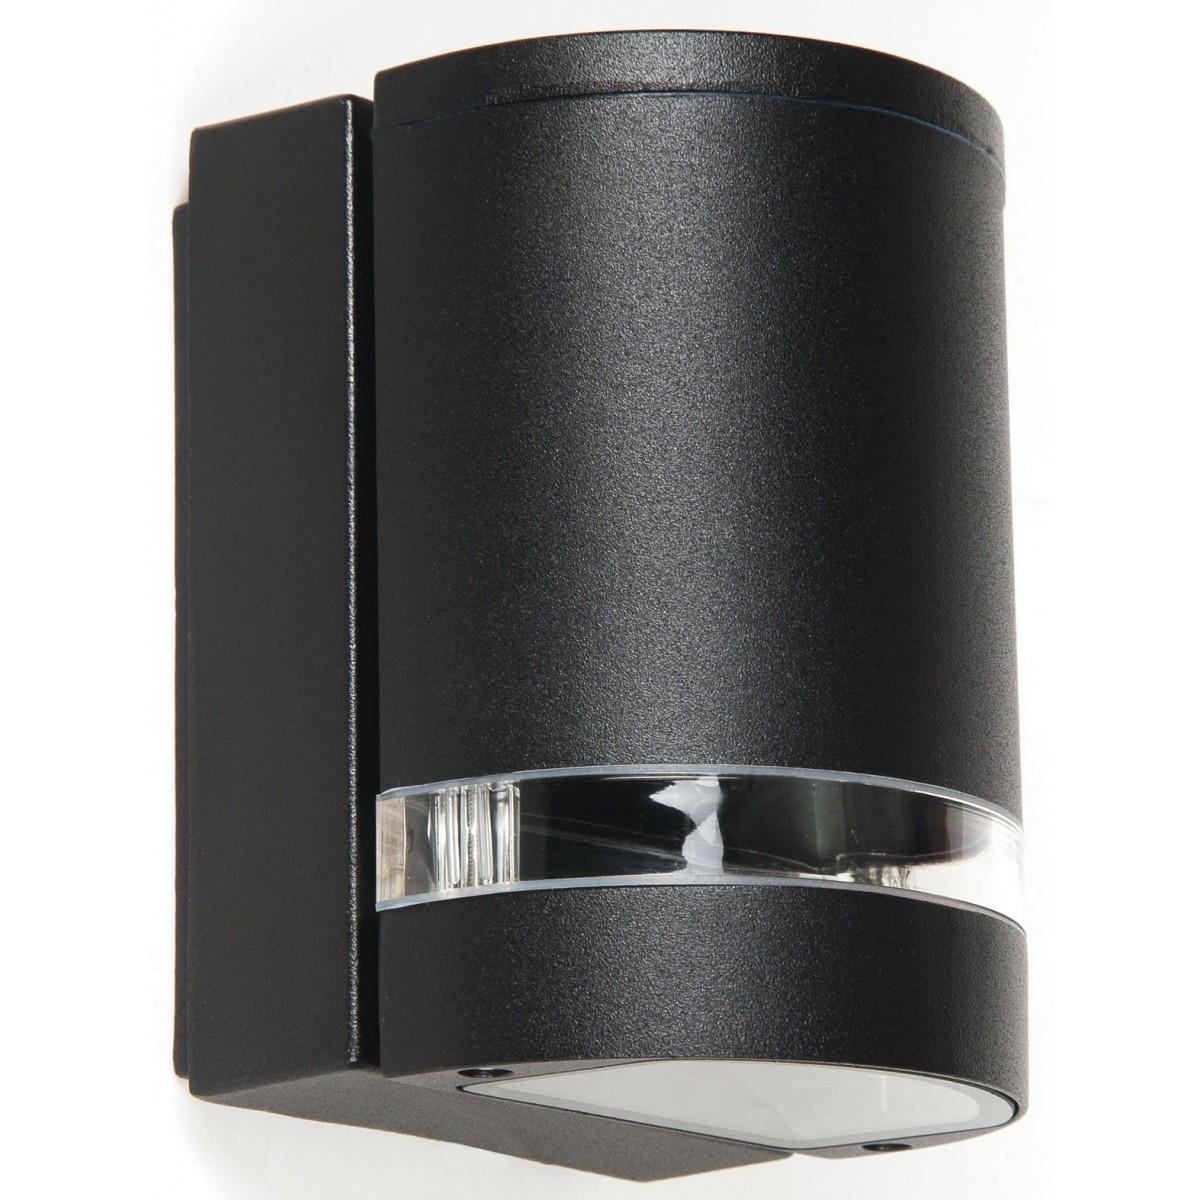 I-6041 / NERO - Applique murale externe en aluminium noir bande transparente étanche 35 watts GU10 lumière chaude